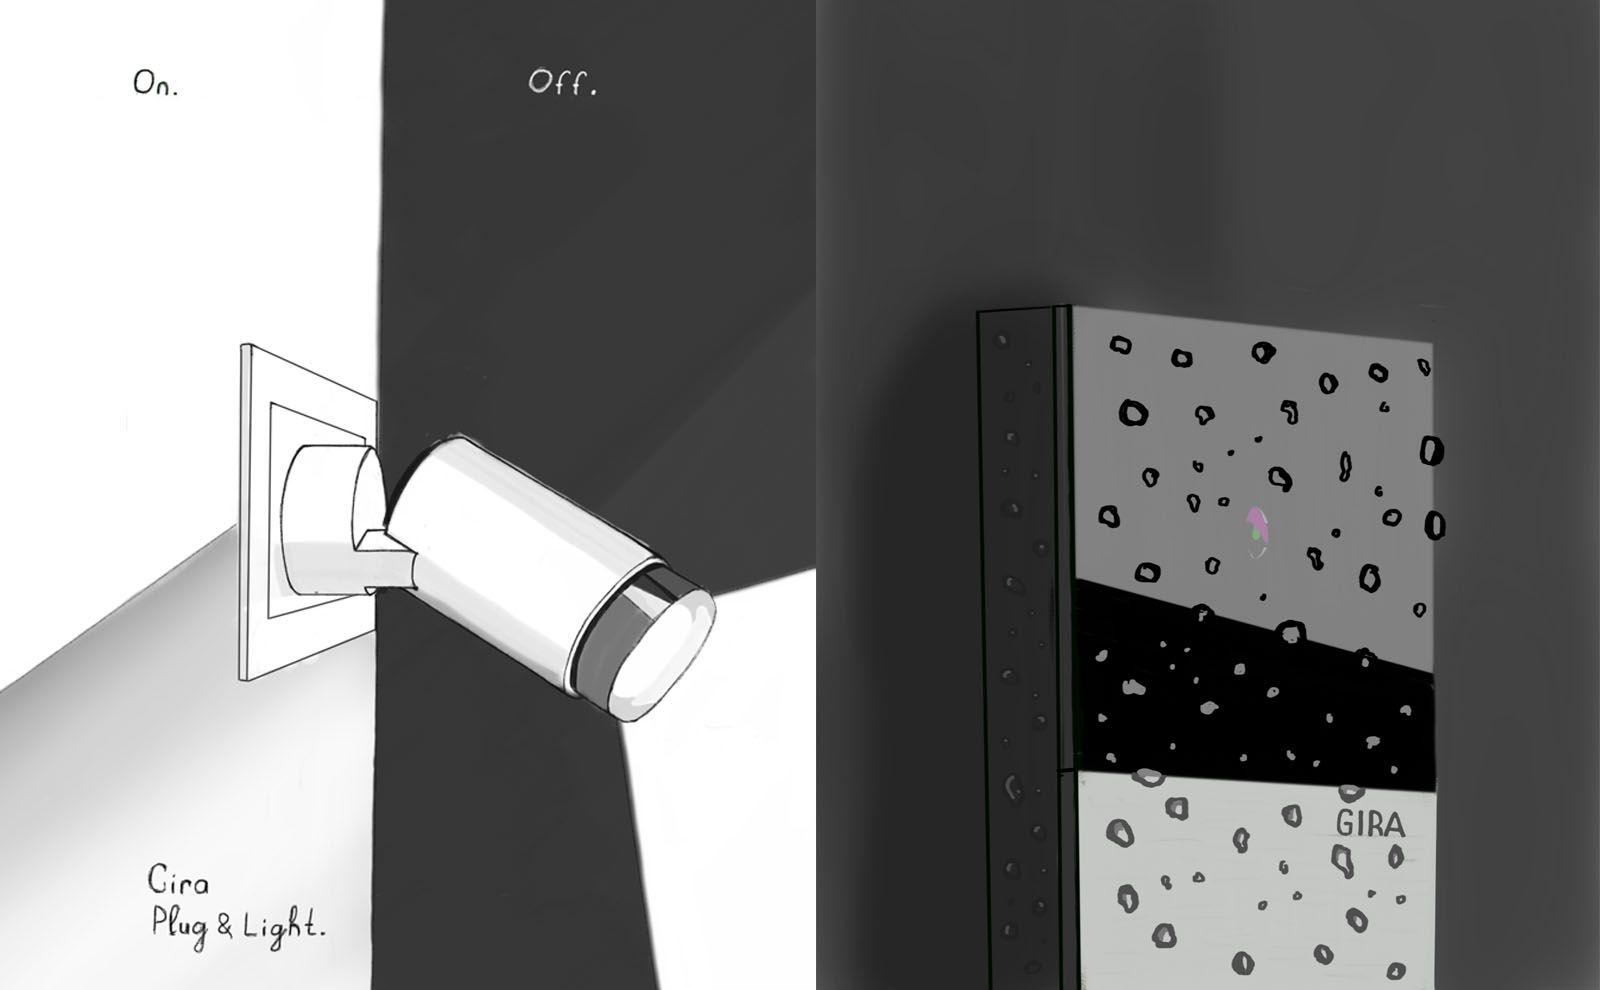 Gira Zeichnungen by Alexey Korolevich